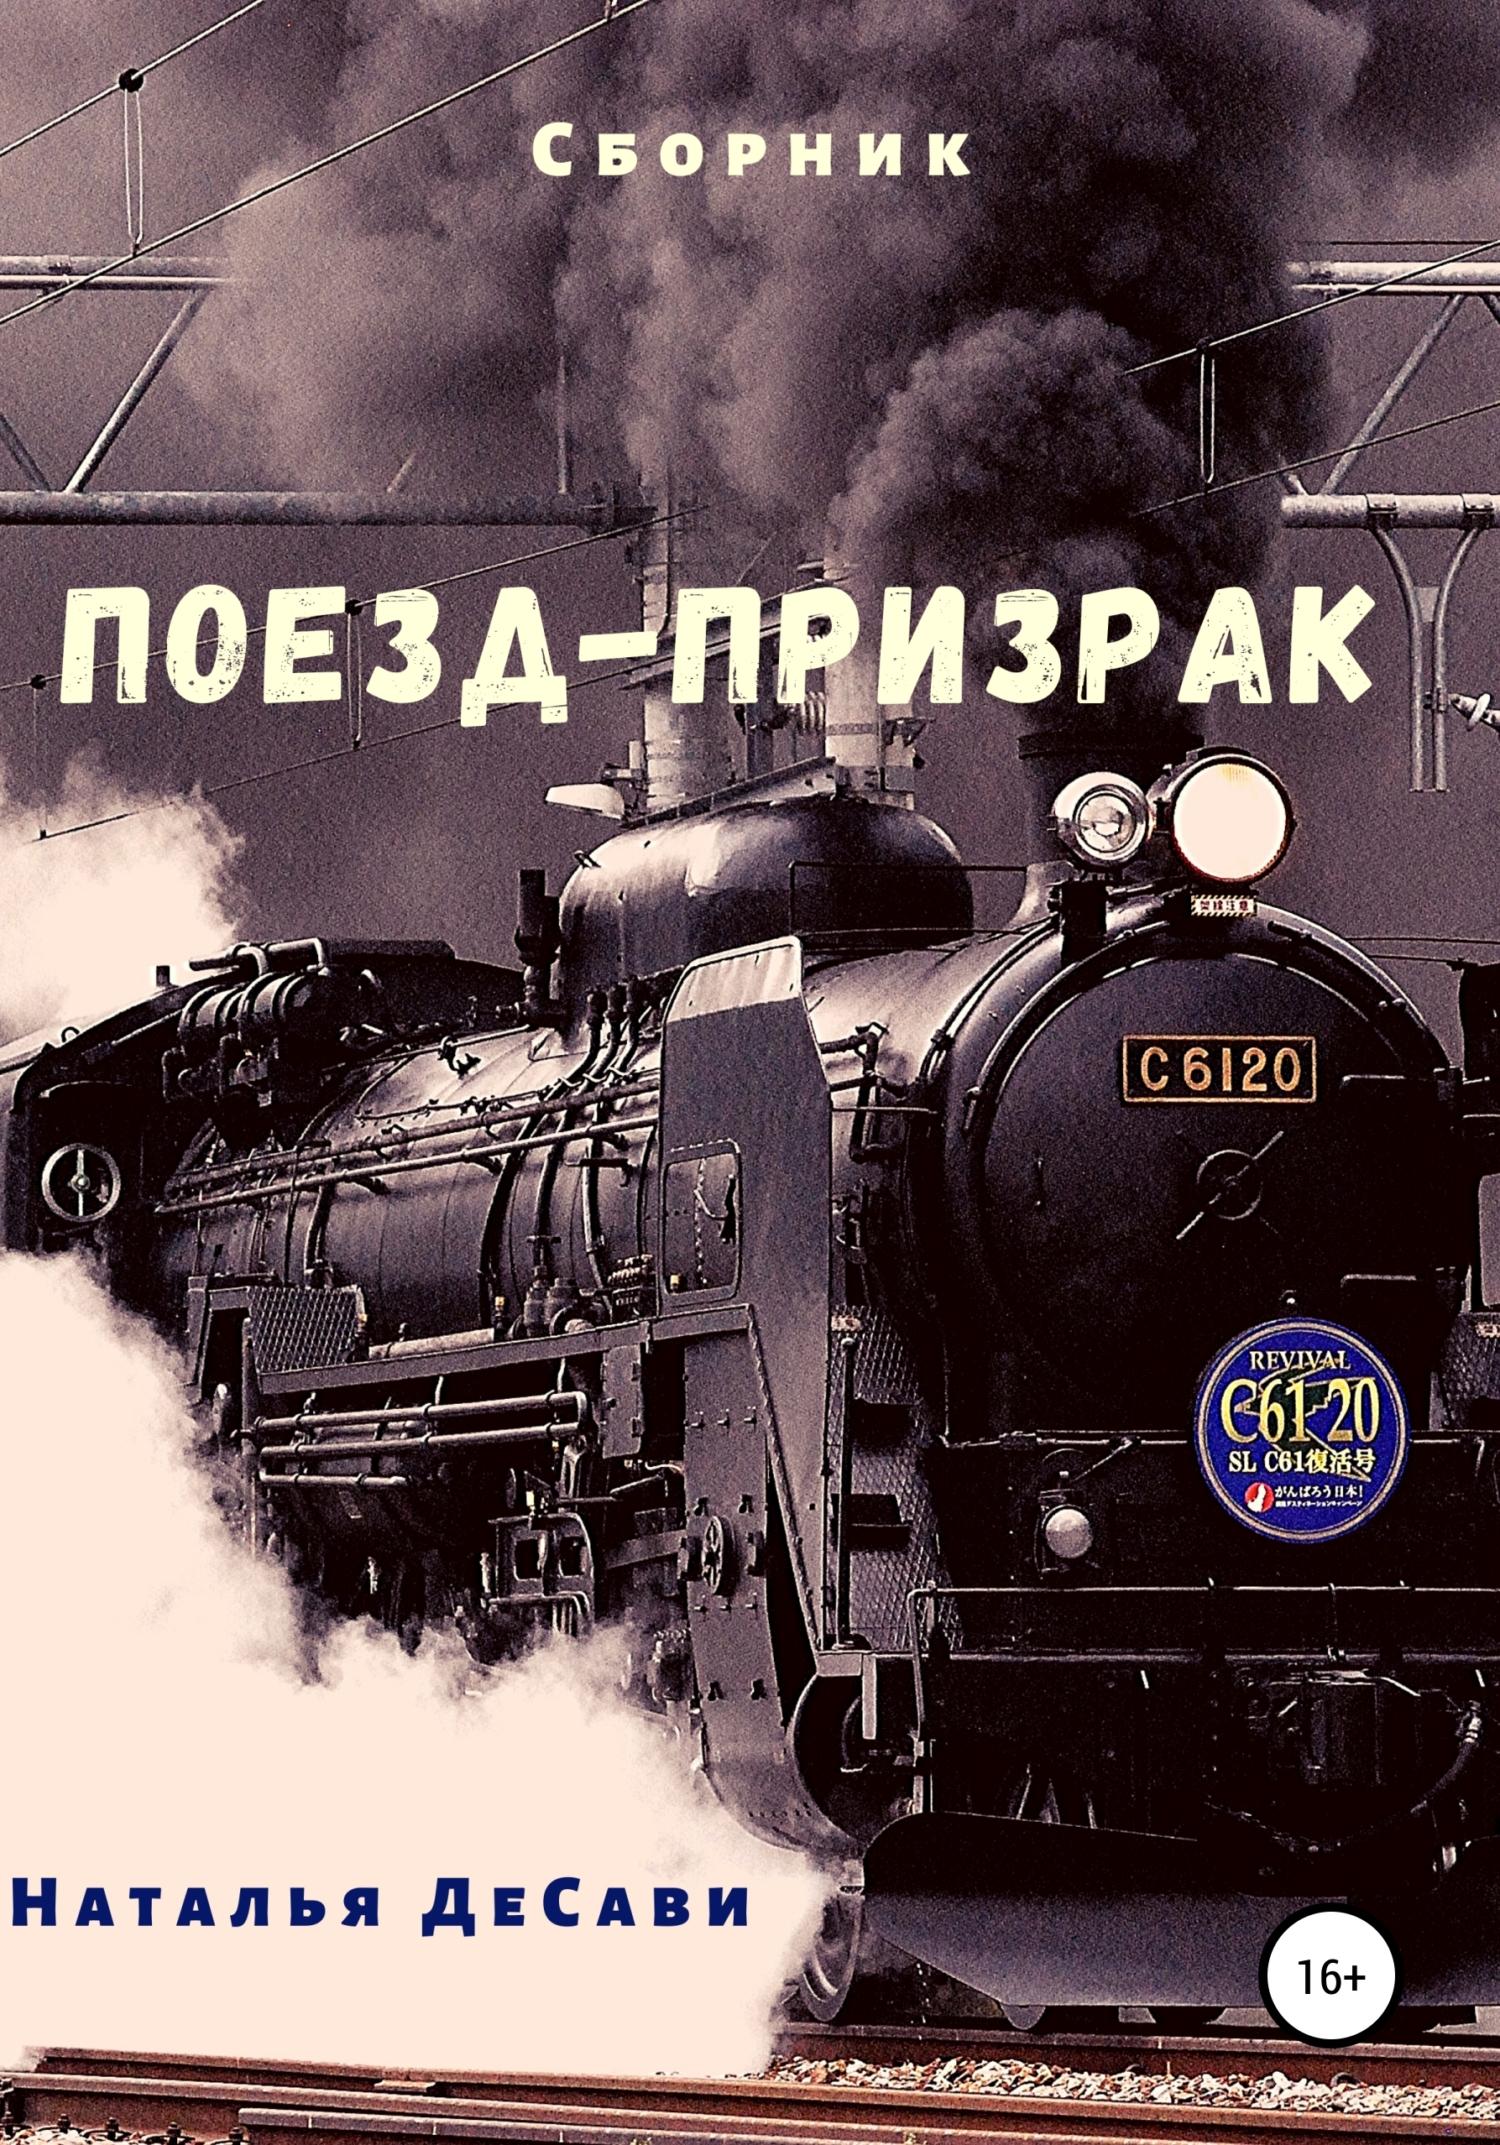 Купить книгу Поезд-призрак, автора Натальи ДеСави